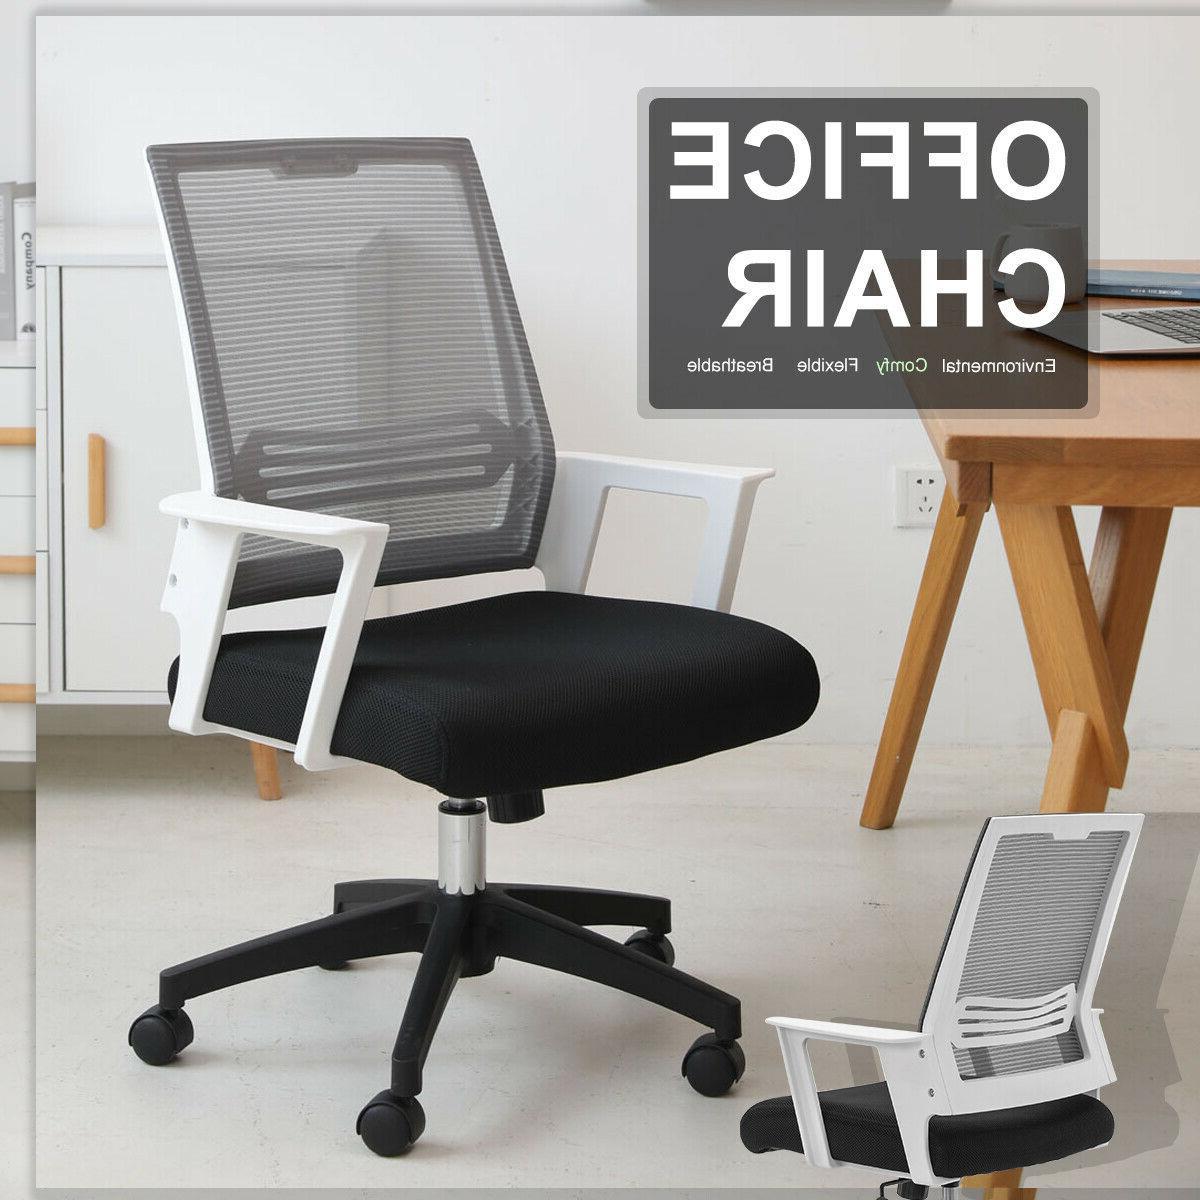 Mesh Mid Back Ergonomic Desk Task